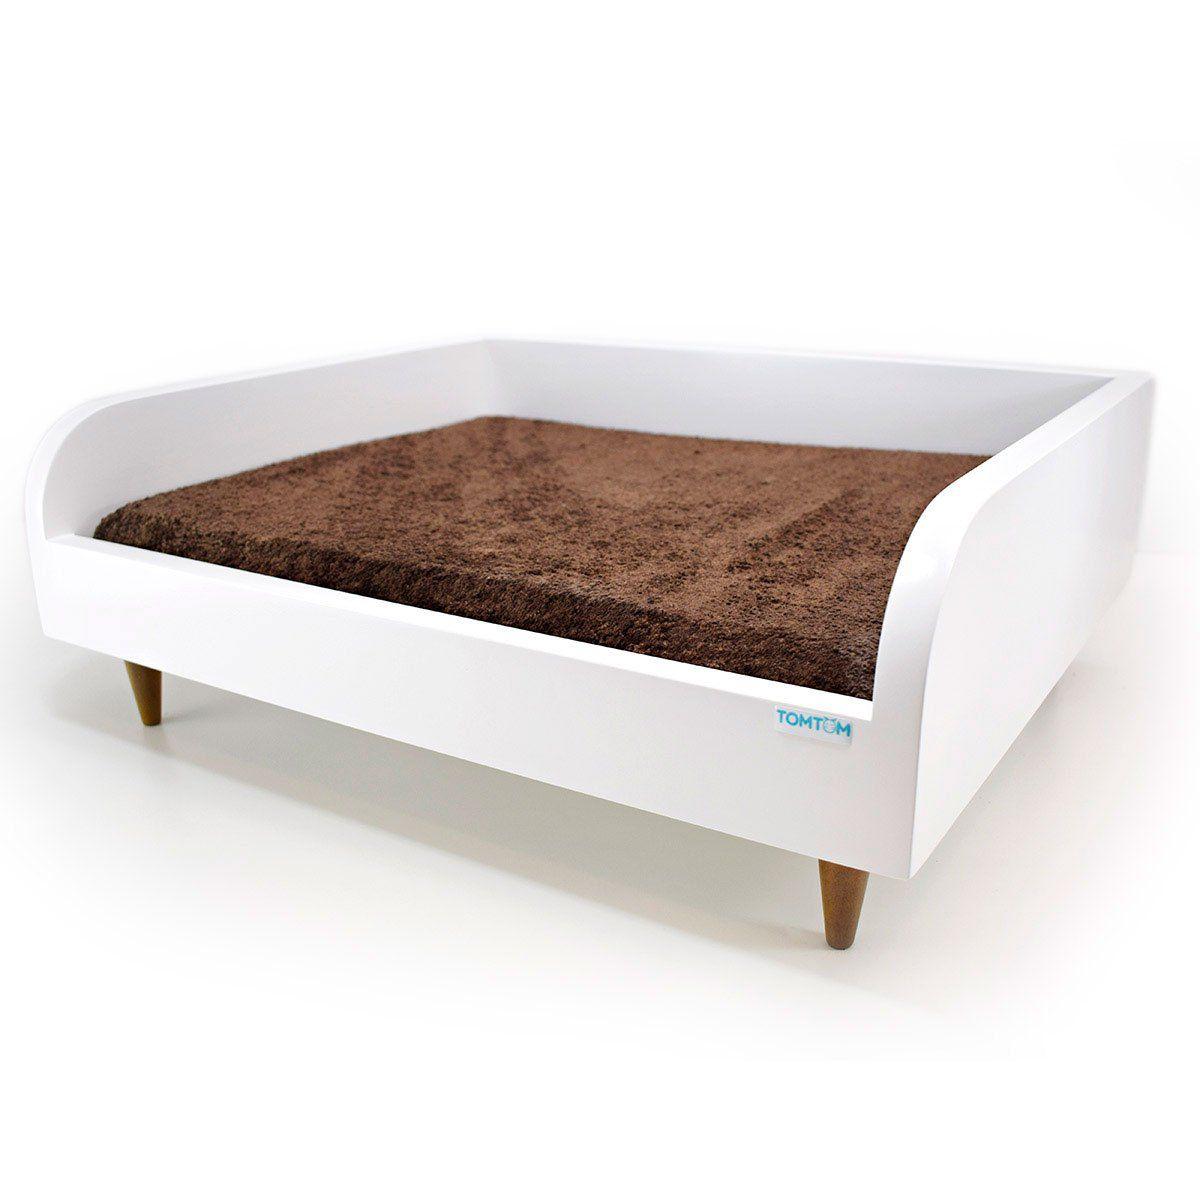 Sofá para Cachorro Tomtom Branco com Almofada Marrom - P